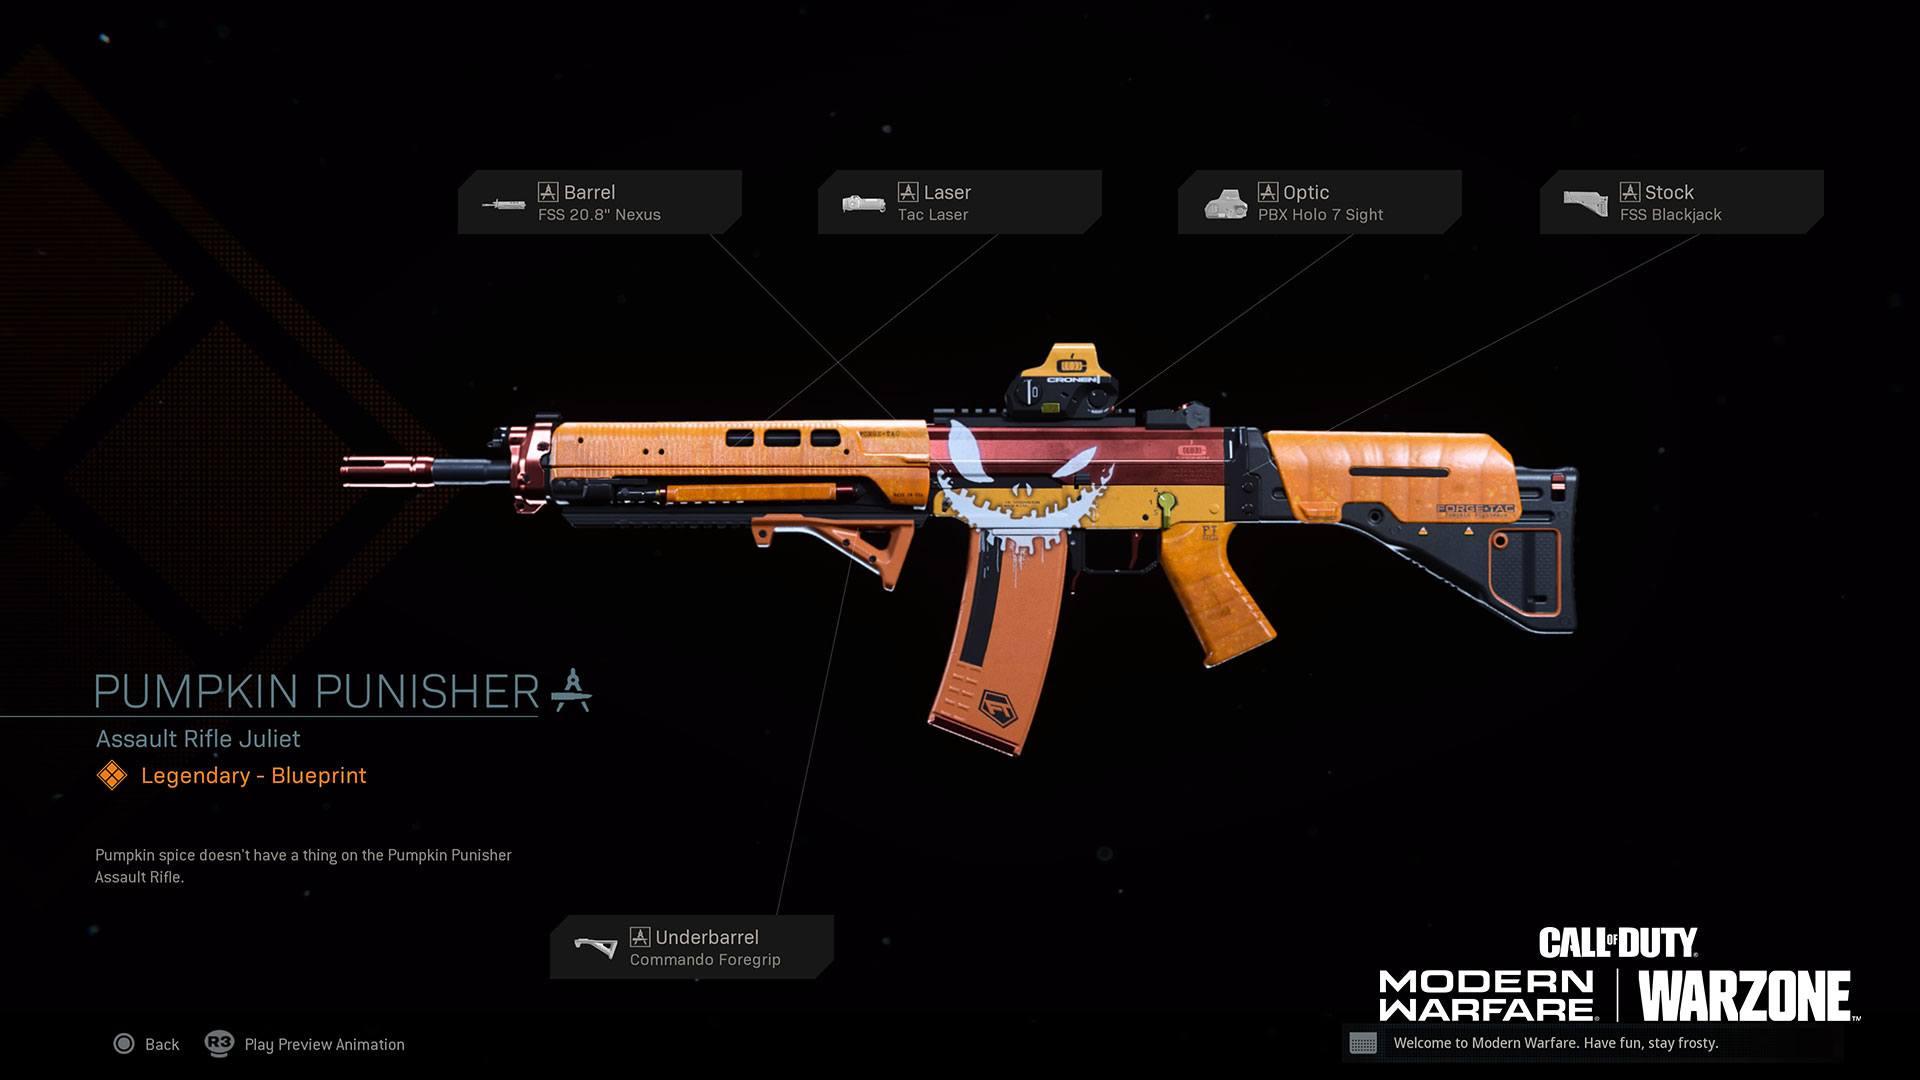 Warzone événement récompense Activision : pumpkin punisher